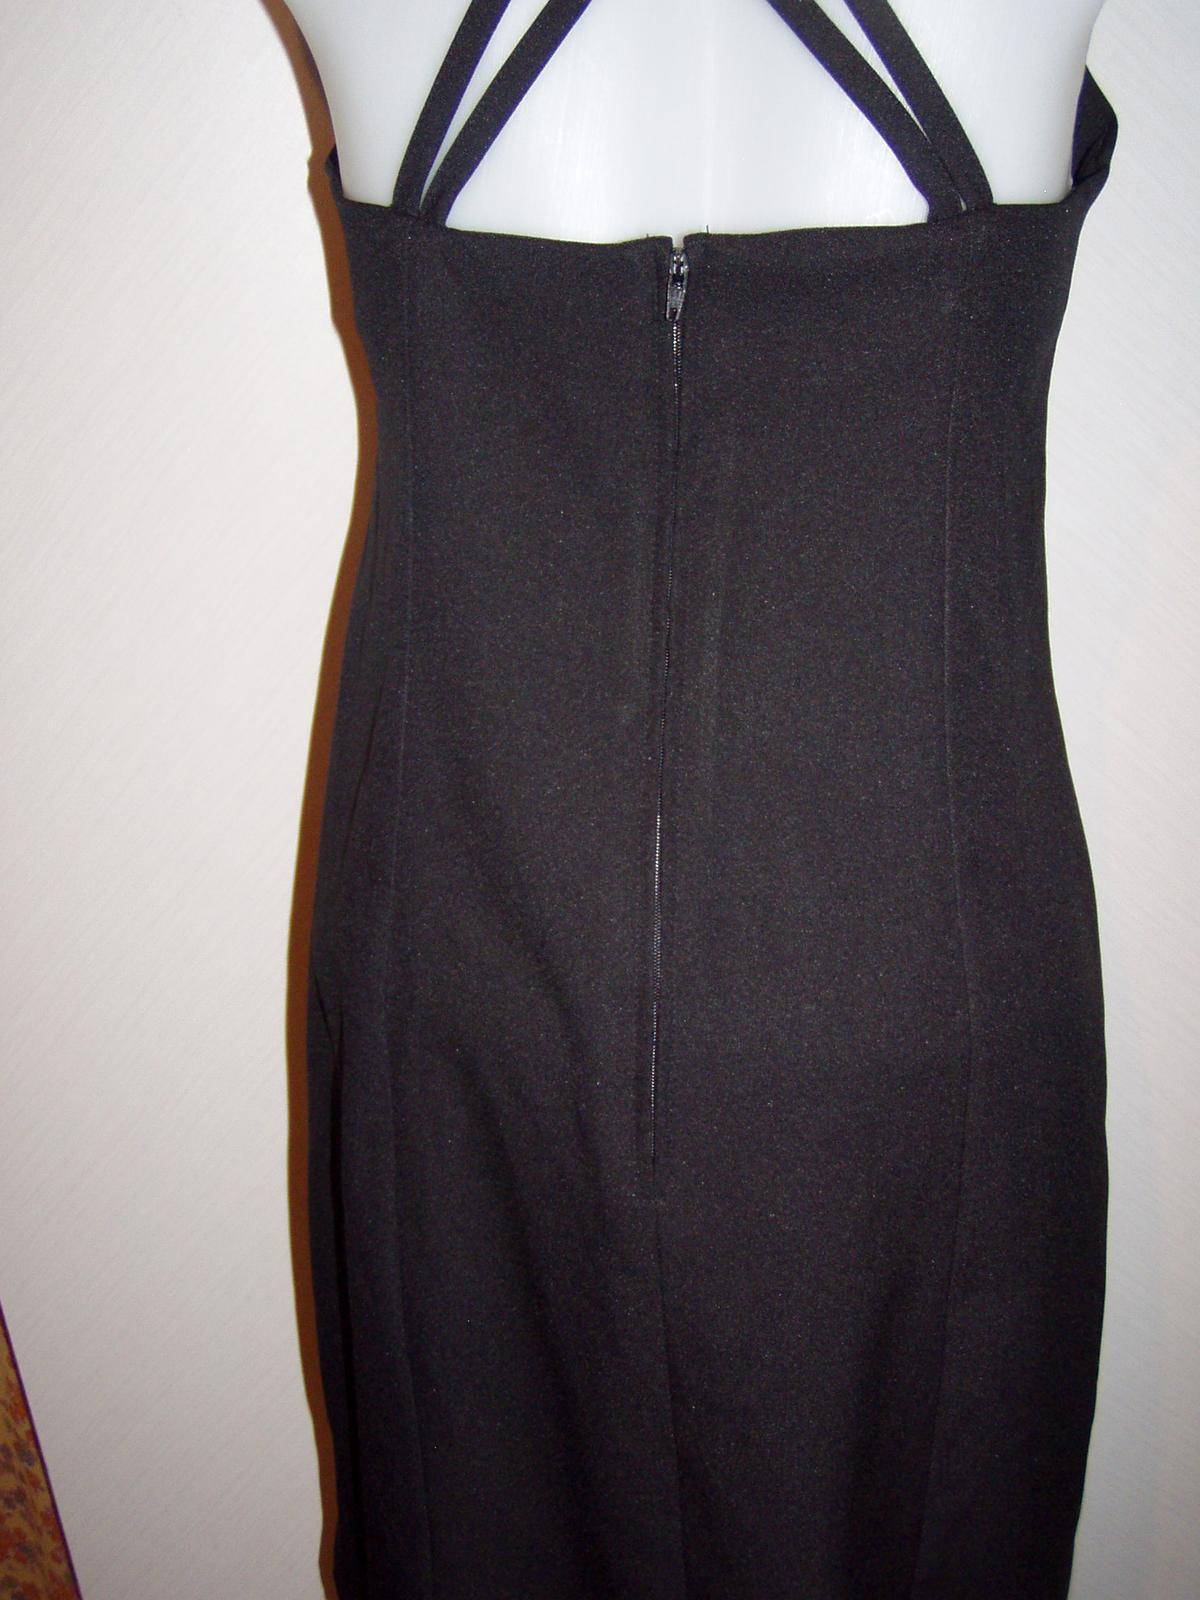 čierne koktejlové šaty na prekrížené ramienka veľ, - Obrázok č. 3